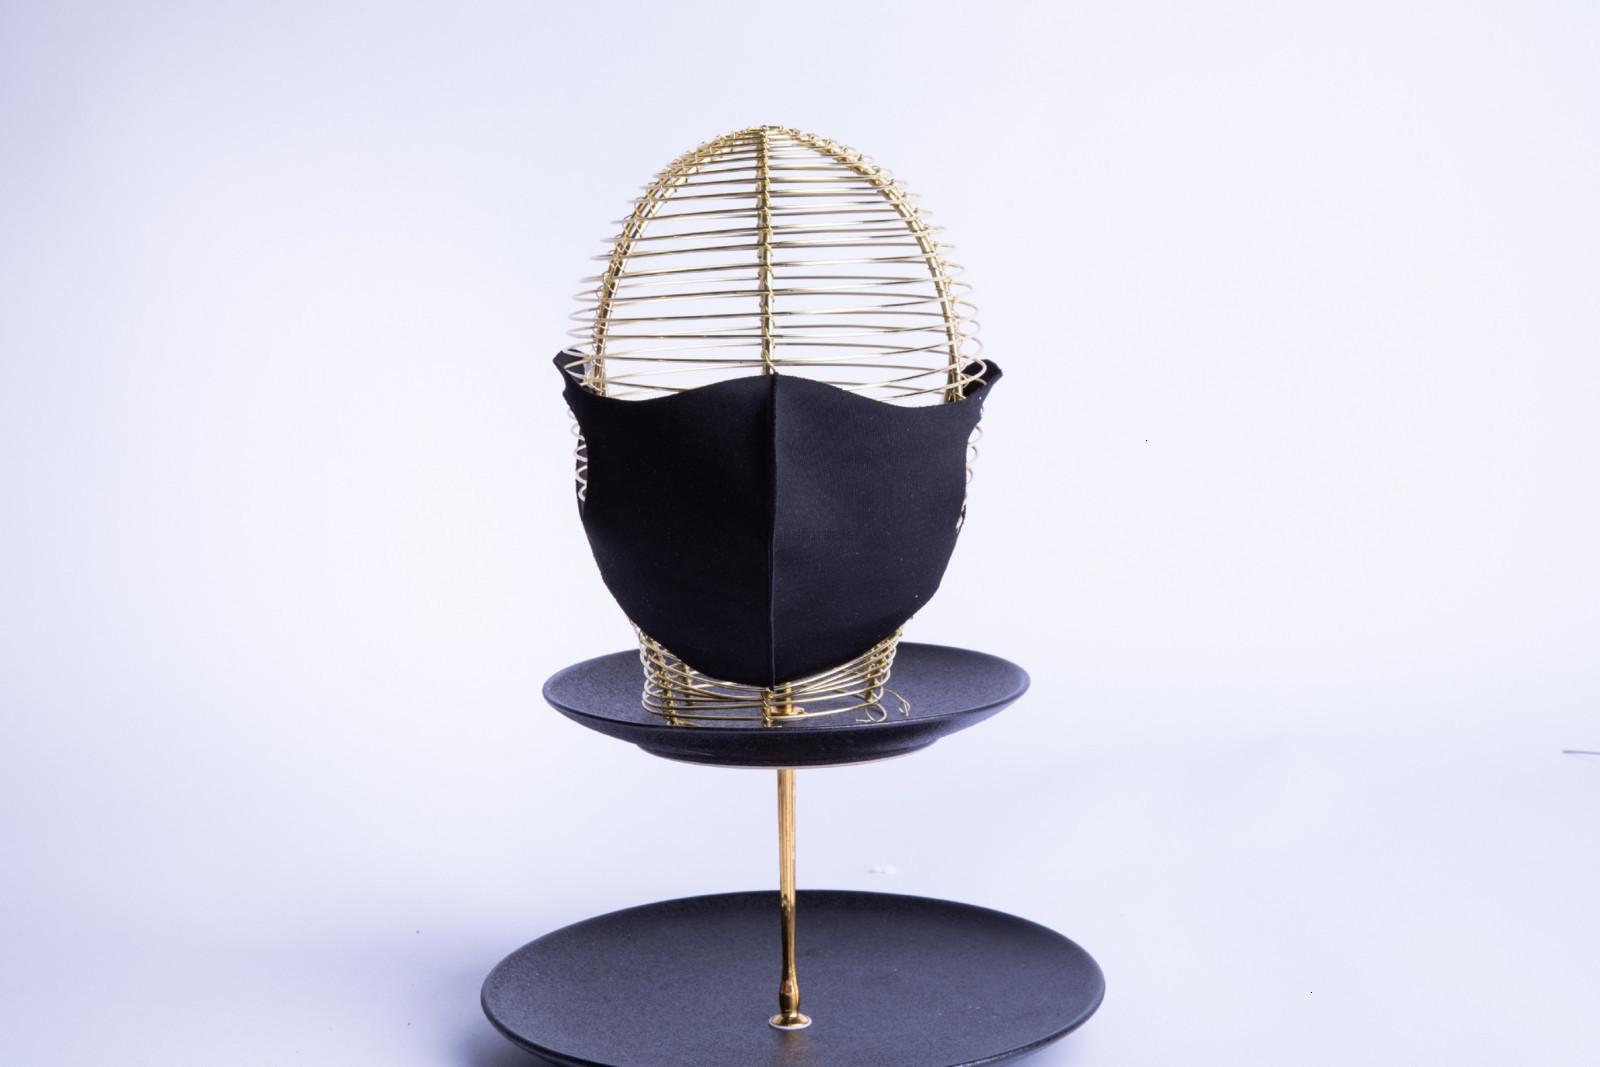 Женские маски печатные черные мужские вентиляции и лось пыли же стирка Трехмерная рождественская защита звезды Delici